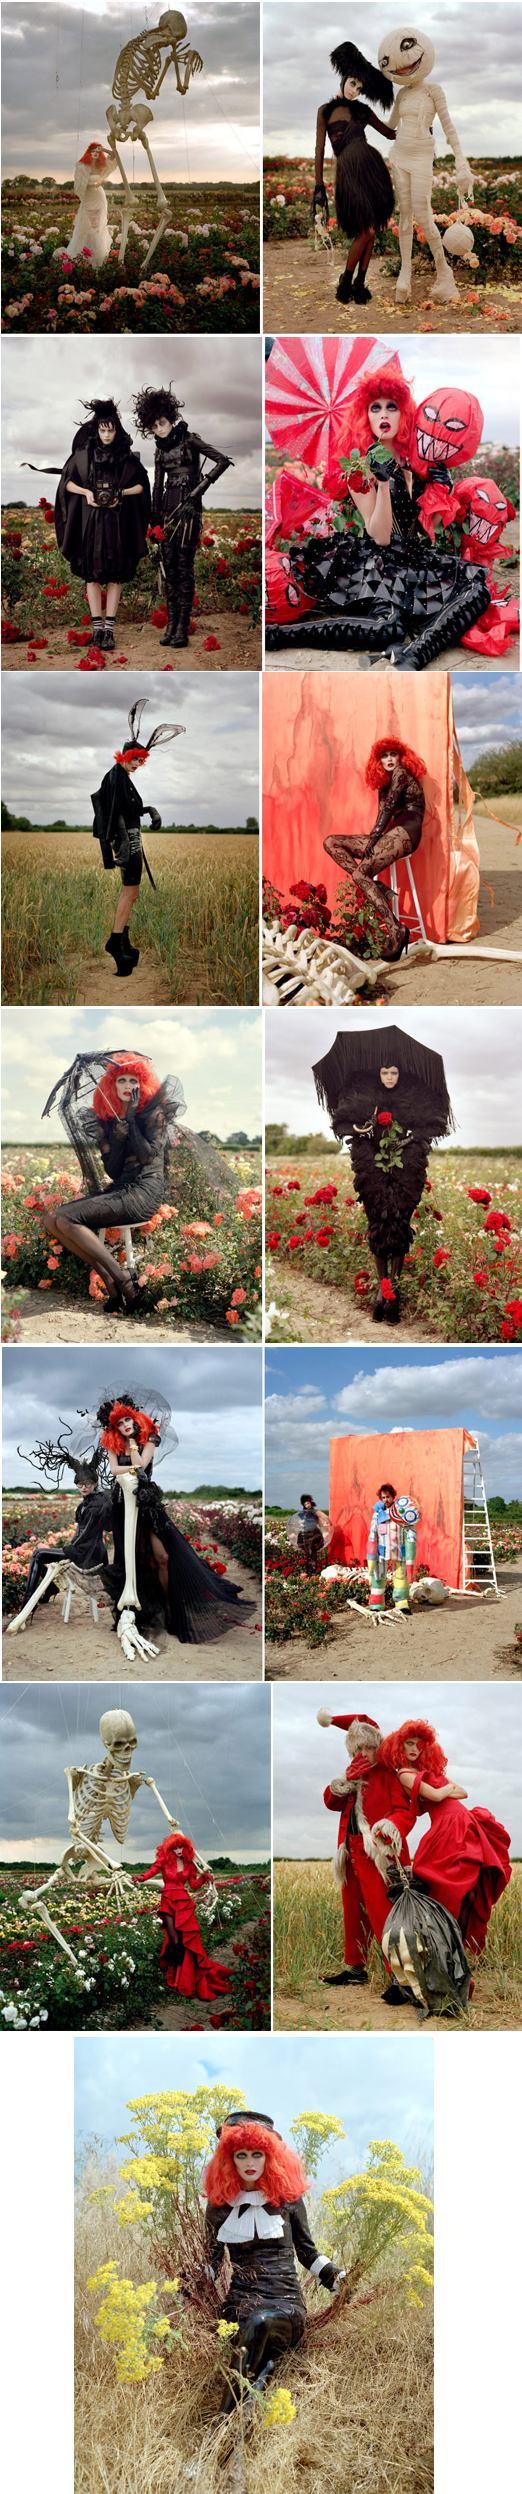 tim burton Harper's Bazaar halloween